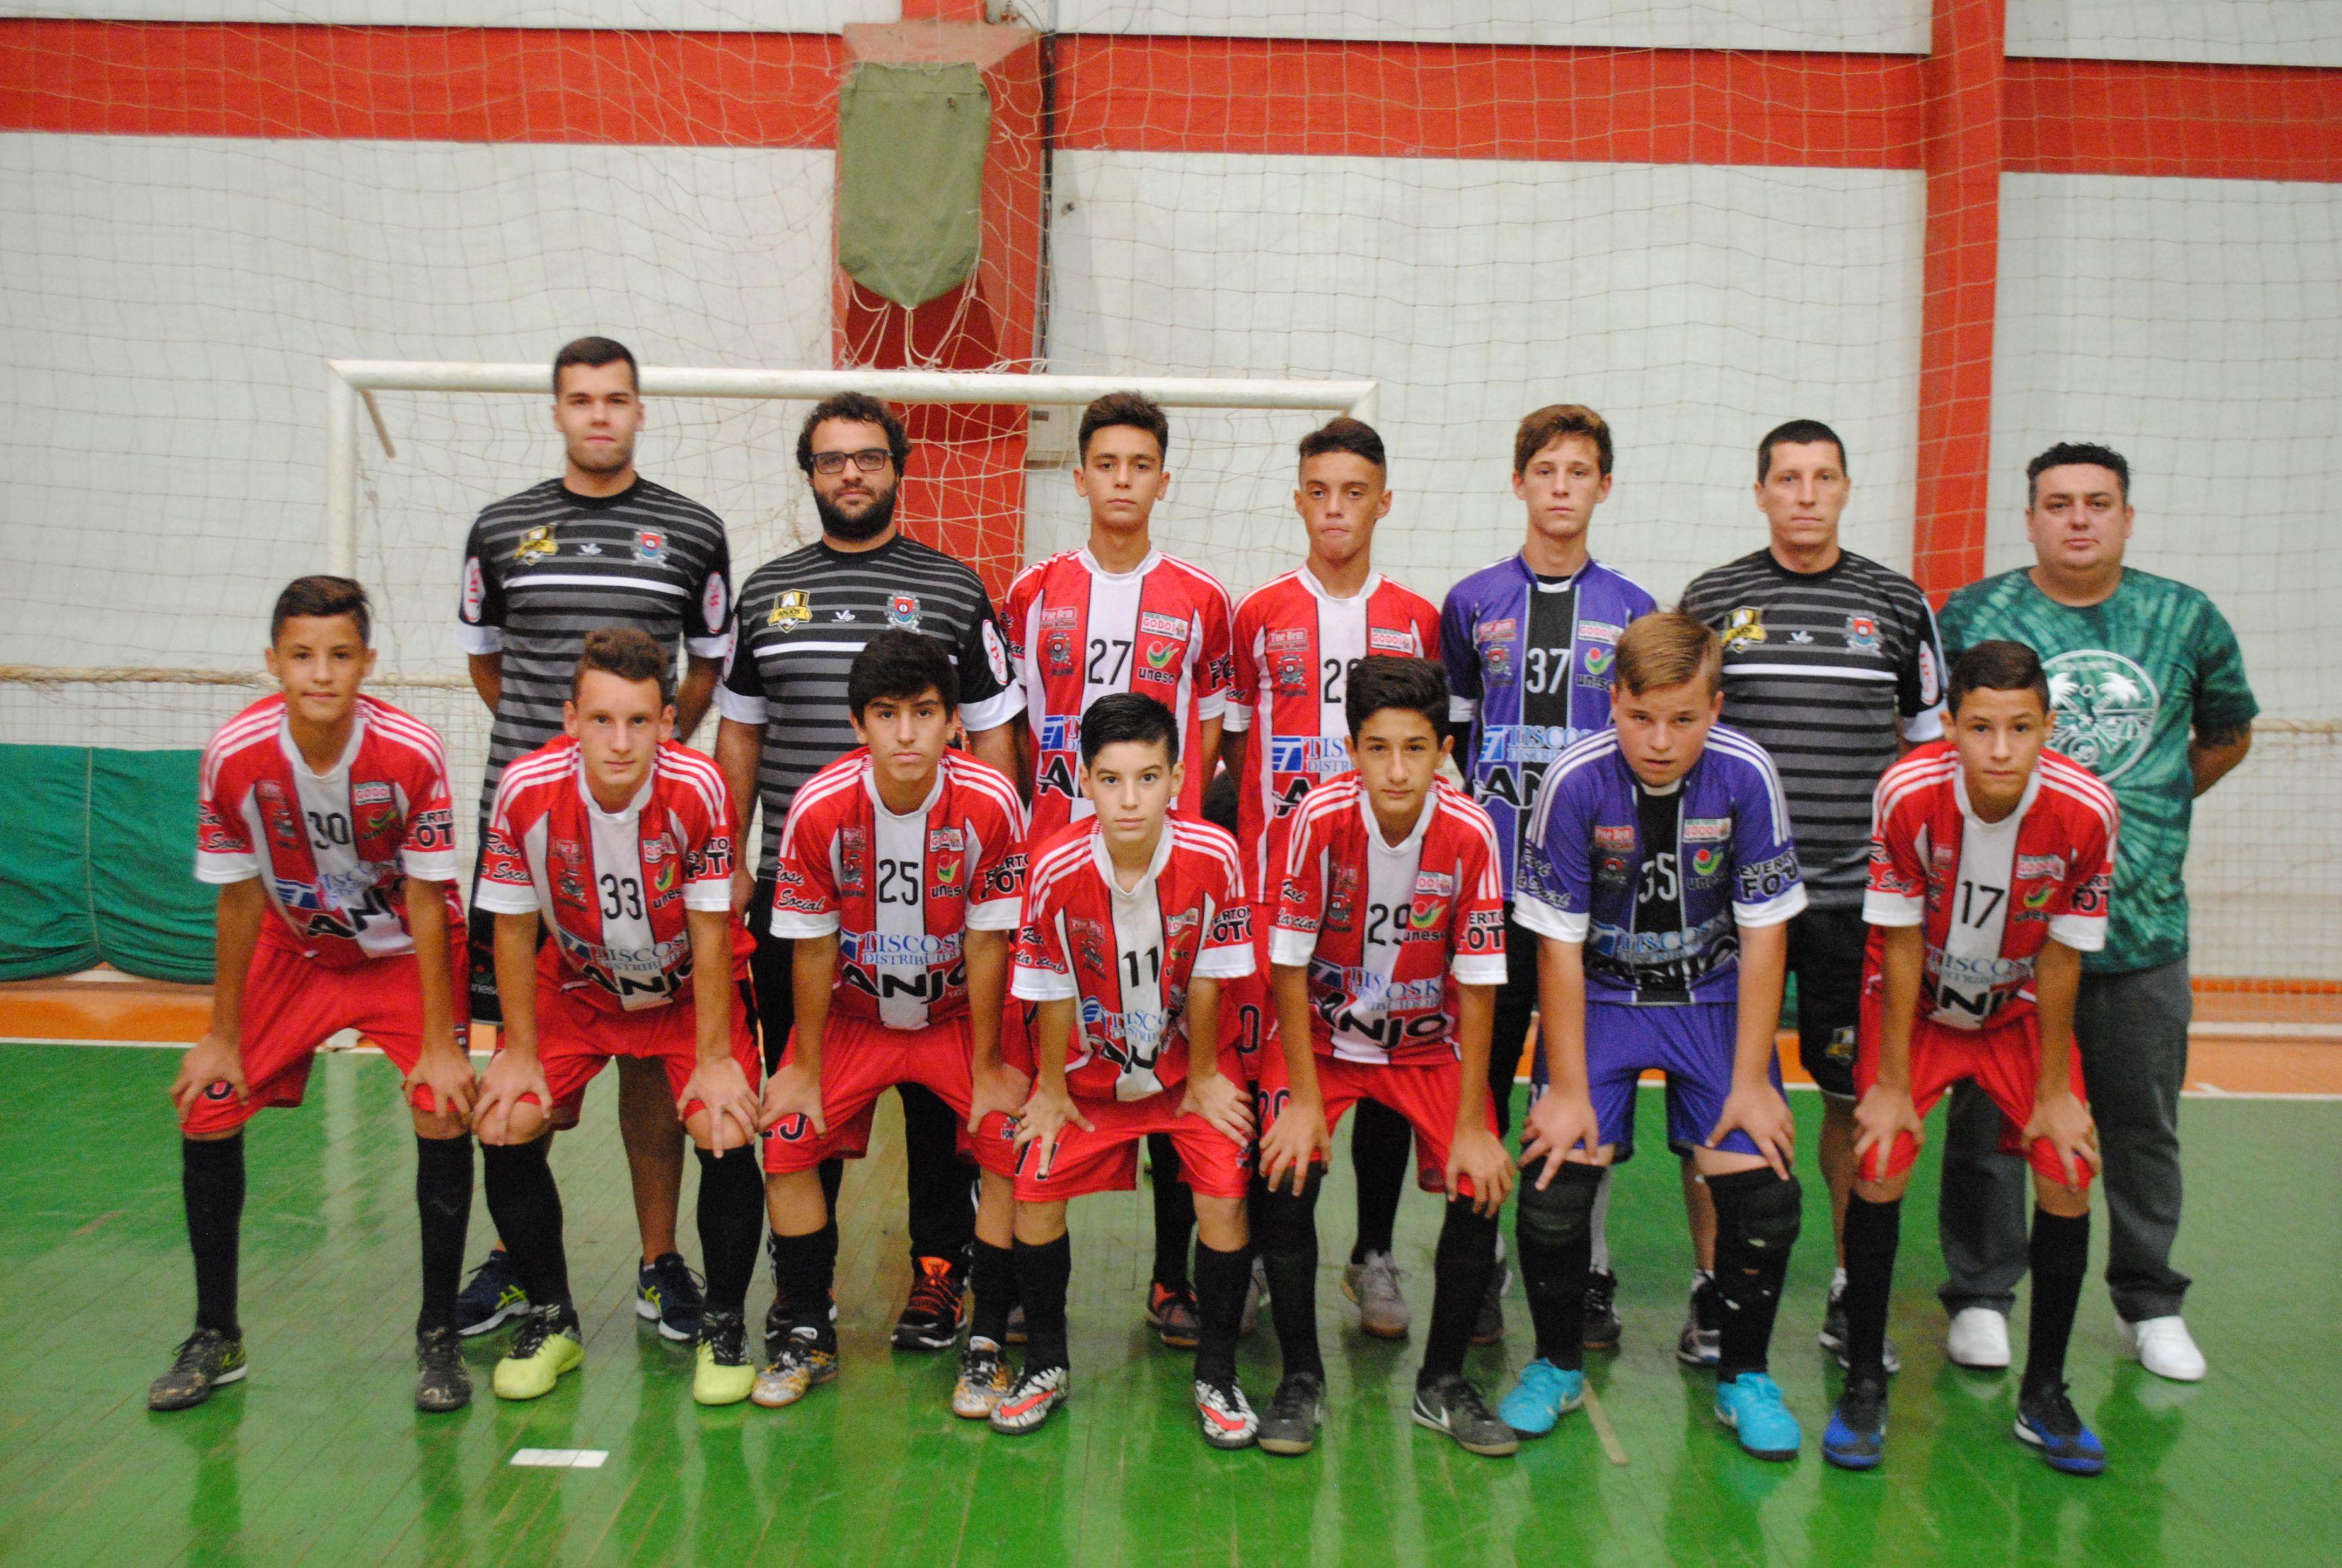 cbe1a96fcd Forquilhinha Anjo Futsal sub-15 é líder da chave no Campeonato ...